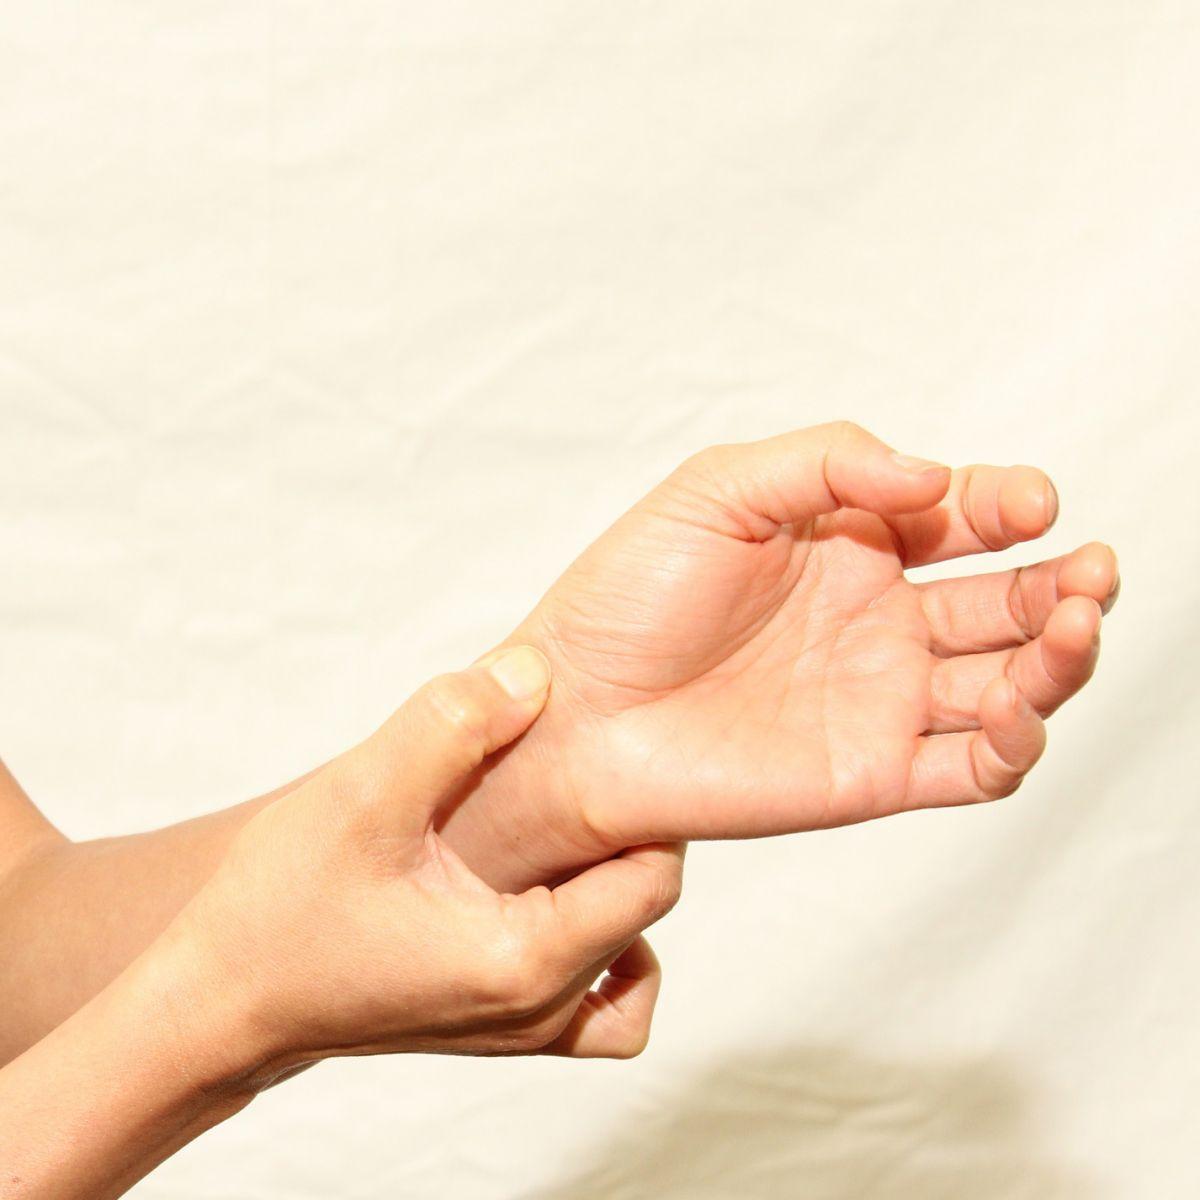 înroșirea durerilor articulare ale pielii